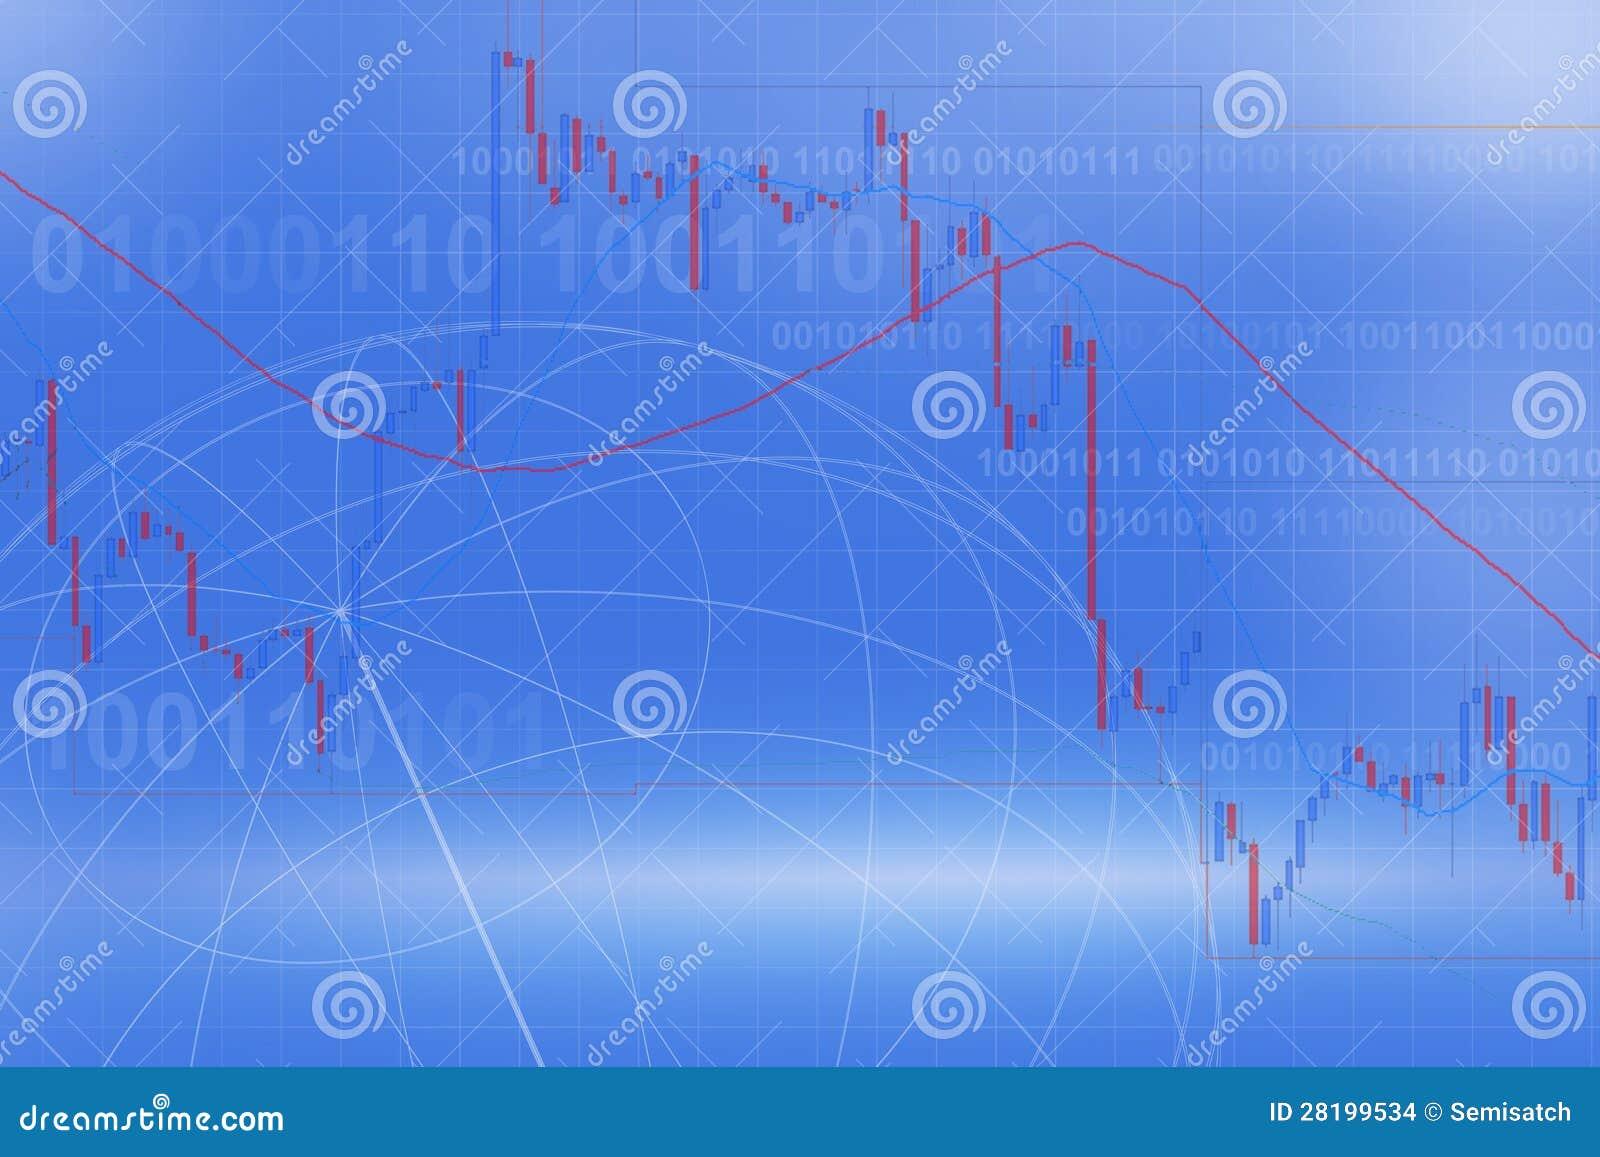 Comercio de divisas offshore